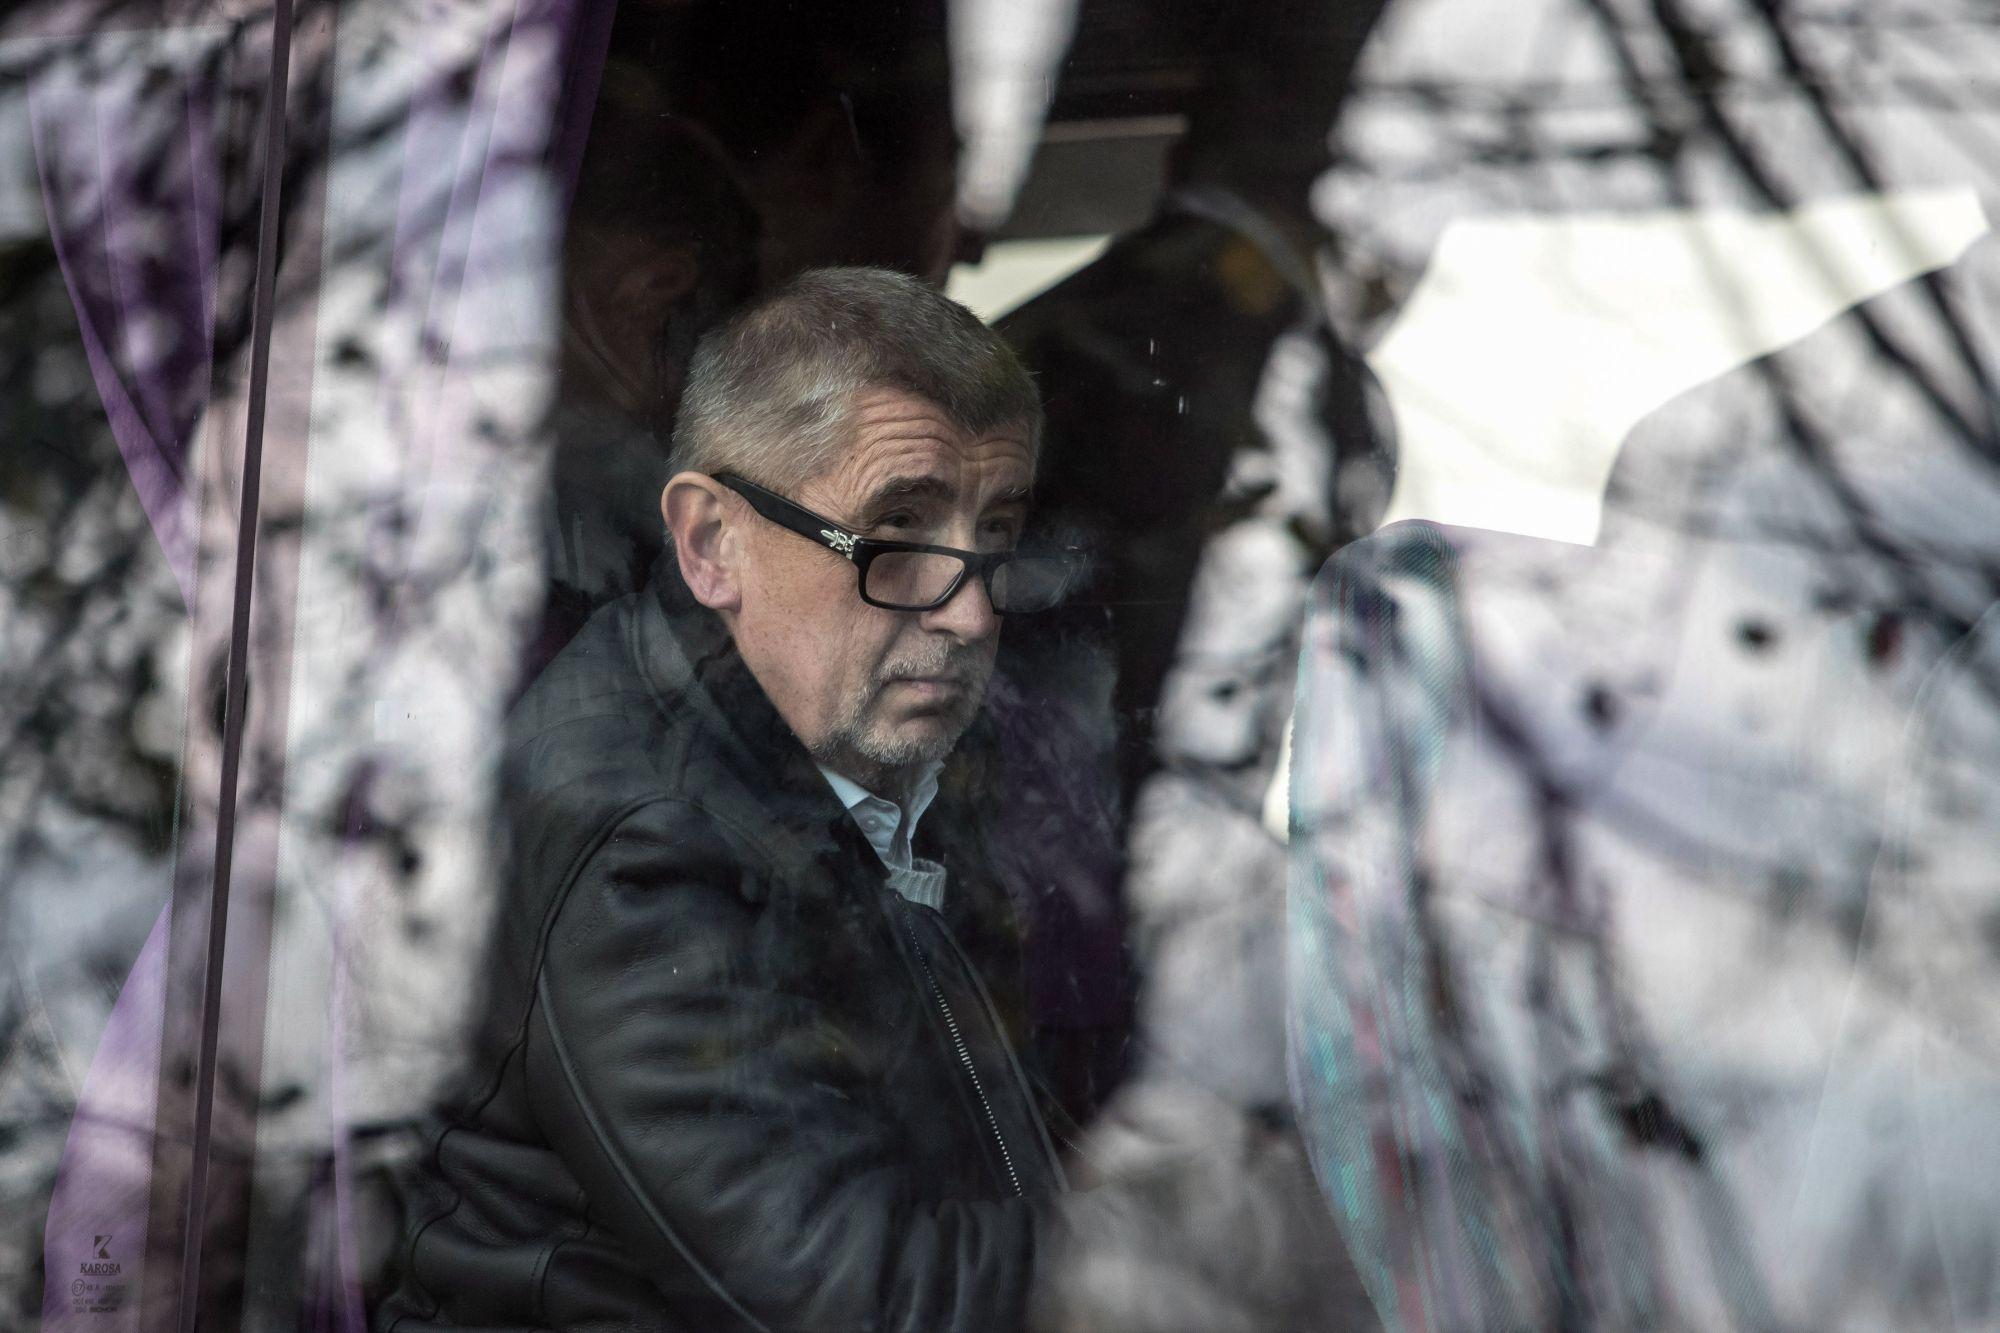 Vsetaty, 2017. október 4. Andrej Babis szlovák születésű milliárdos üzletember, a cseh ANO mozgalom elnöke busszal érkezik egy választási vitára a Prágától északra levõ Vsetatyban 2017. október 4-én. A parlamenti választásokat október 20-án és 21-én tartják Csehországban. (MTI/EPA/Martin Divisek)